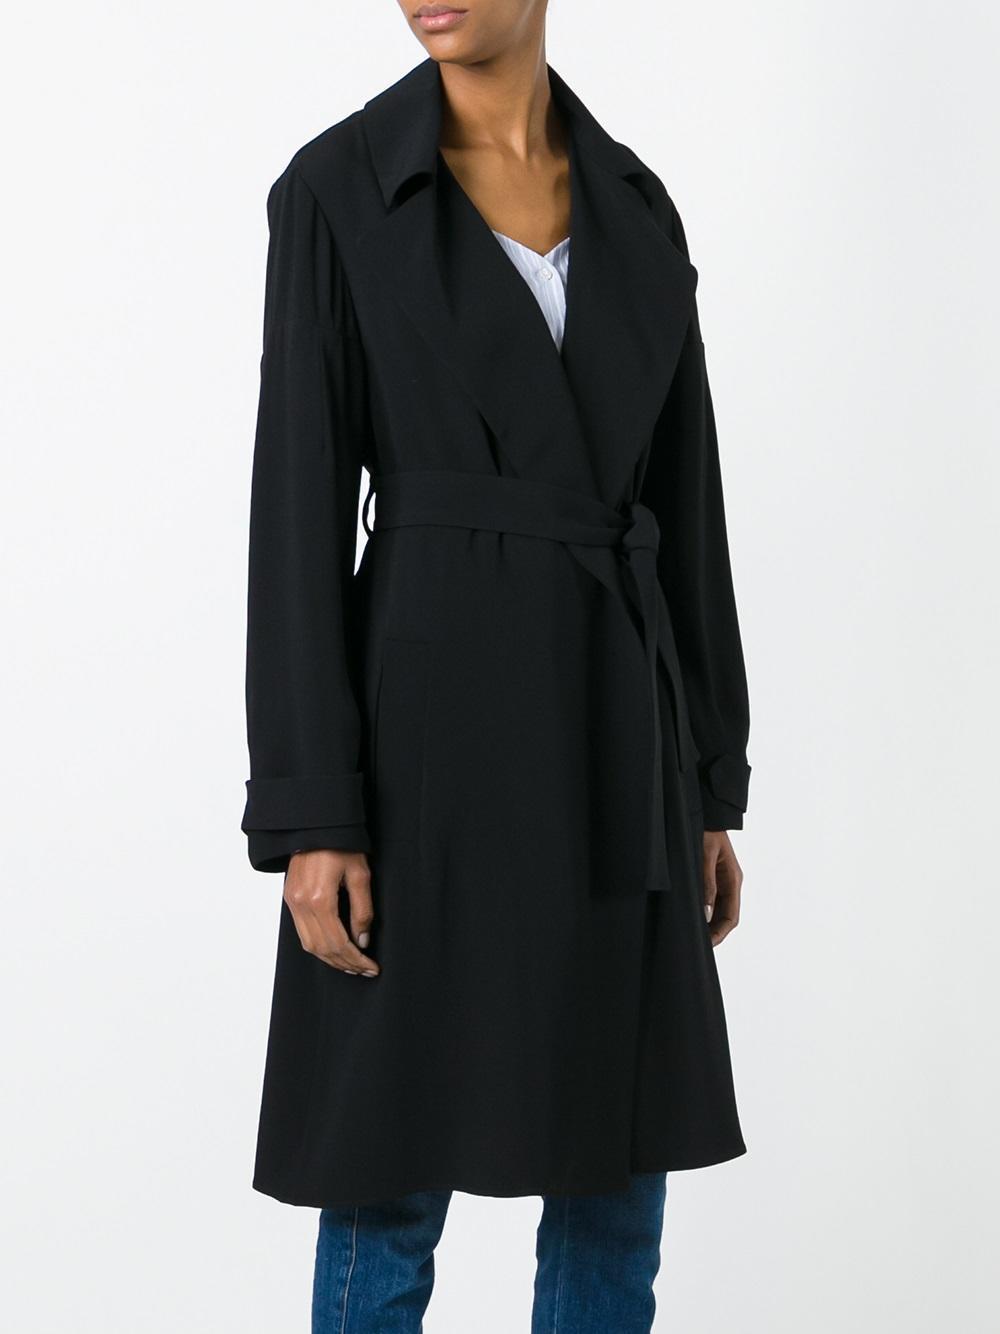 dorothee schumacher belted coat in black lyst. Black Bedroom Furniture Sets. Home Design Ideas